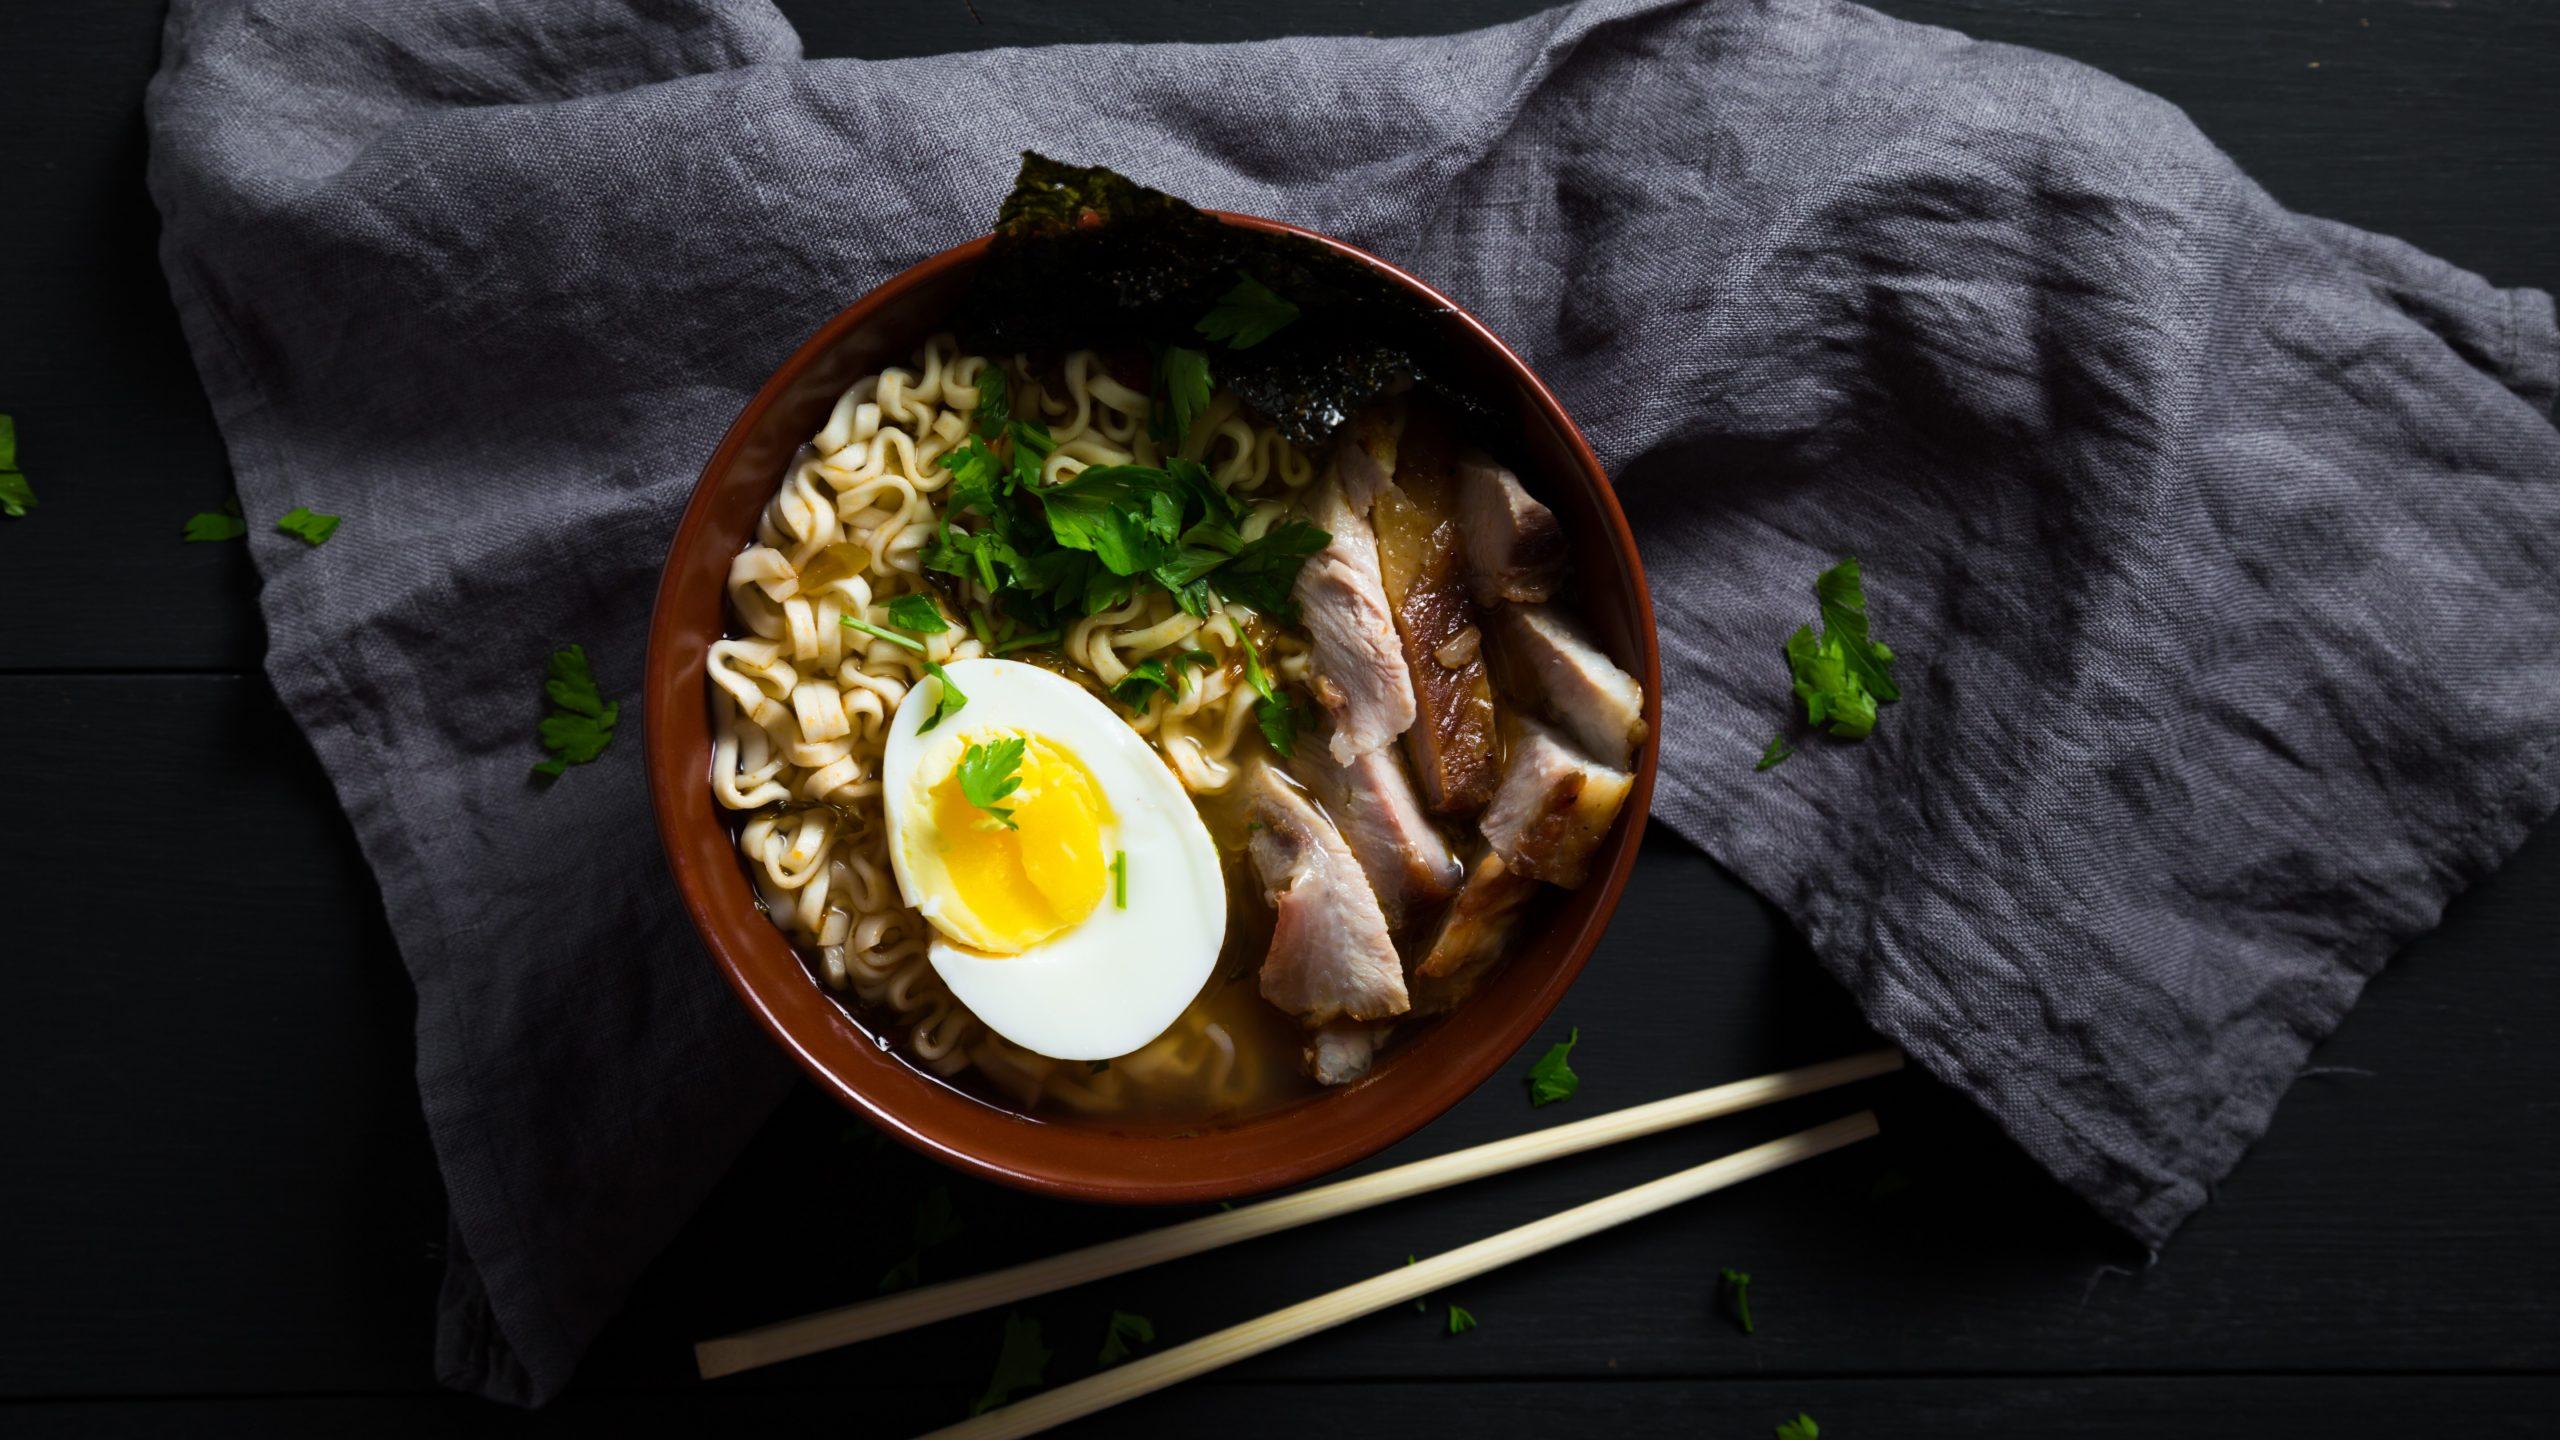 Eine Schüssel mit Miso Ramen mit eingelegtem Schweinebauch, einem halbem Ei, frischem Koriander und einem Noriblatt als Topping, neben einem Paar Essstäbchen, auf einem grauen Küchentuch, vor dunklem Hintergrund, von oben.